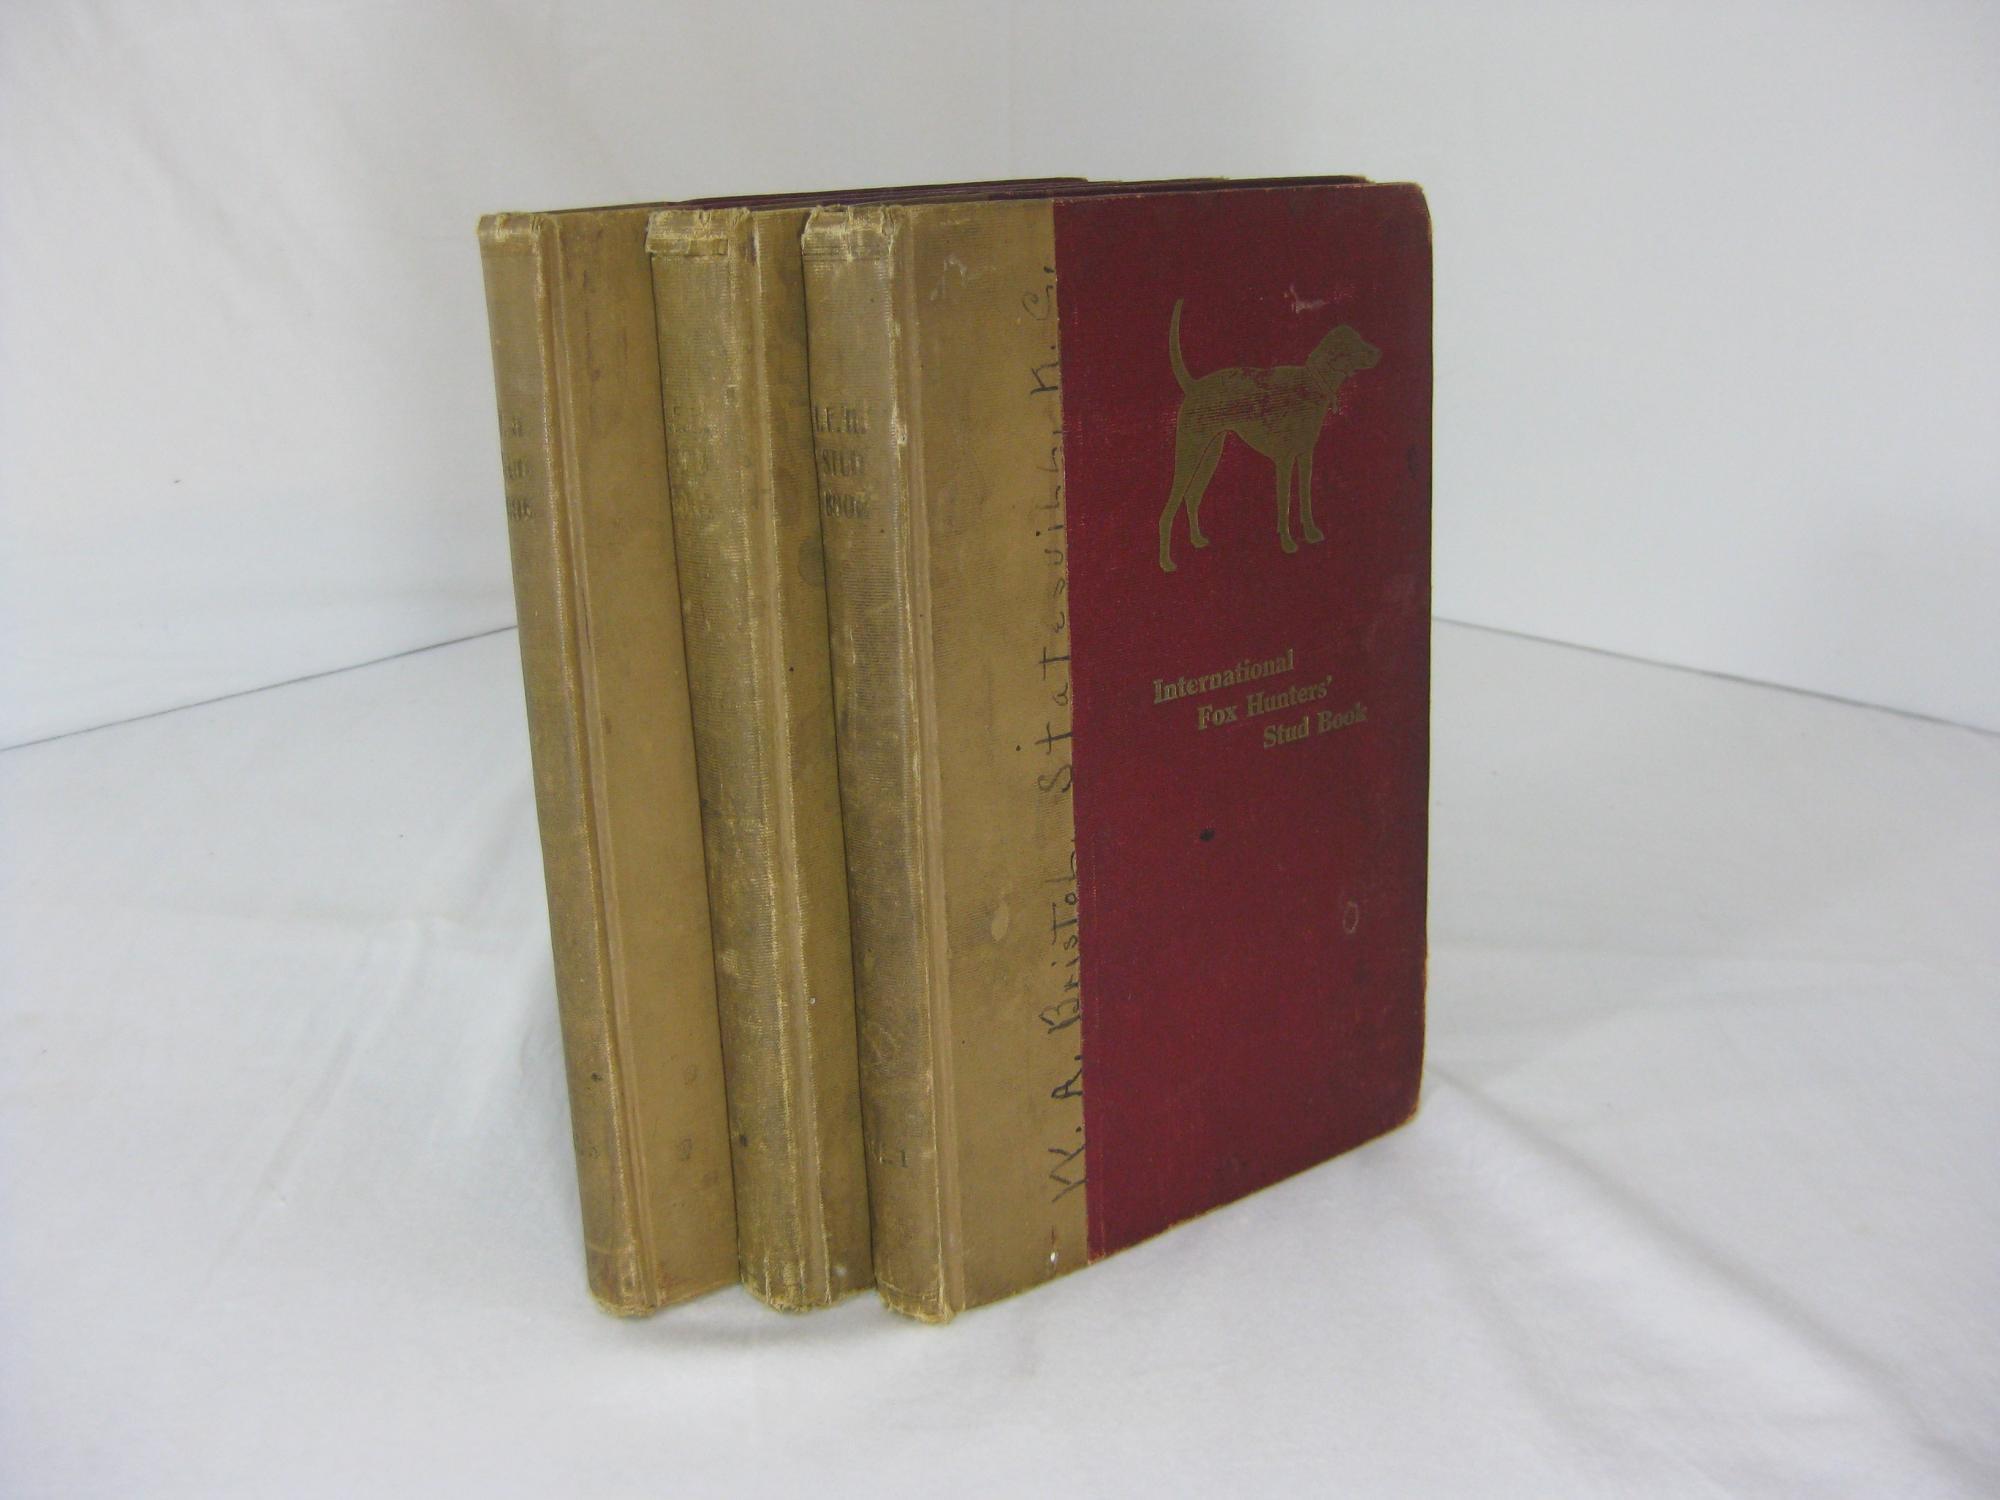 viaLibri ~ Rare Books from 1922 - Page 127